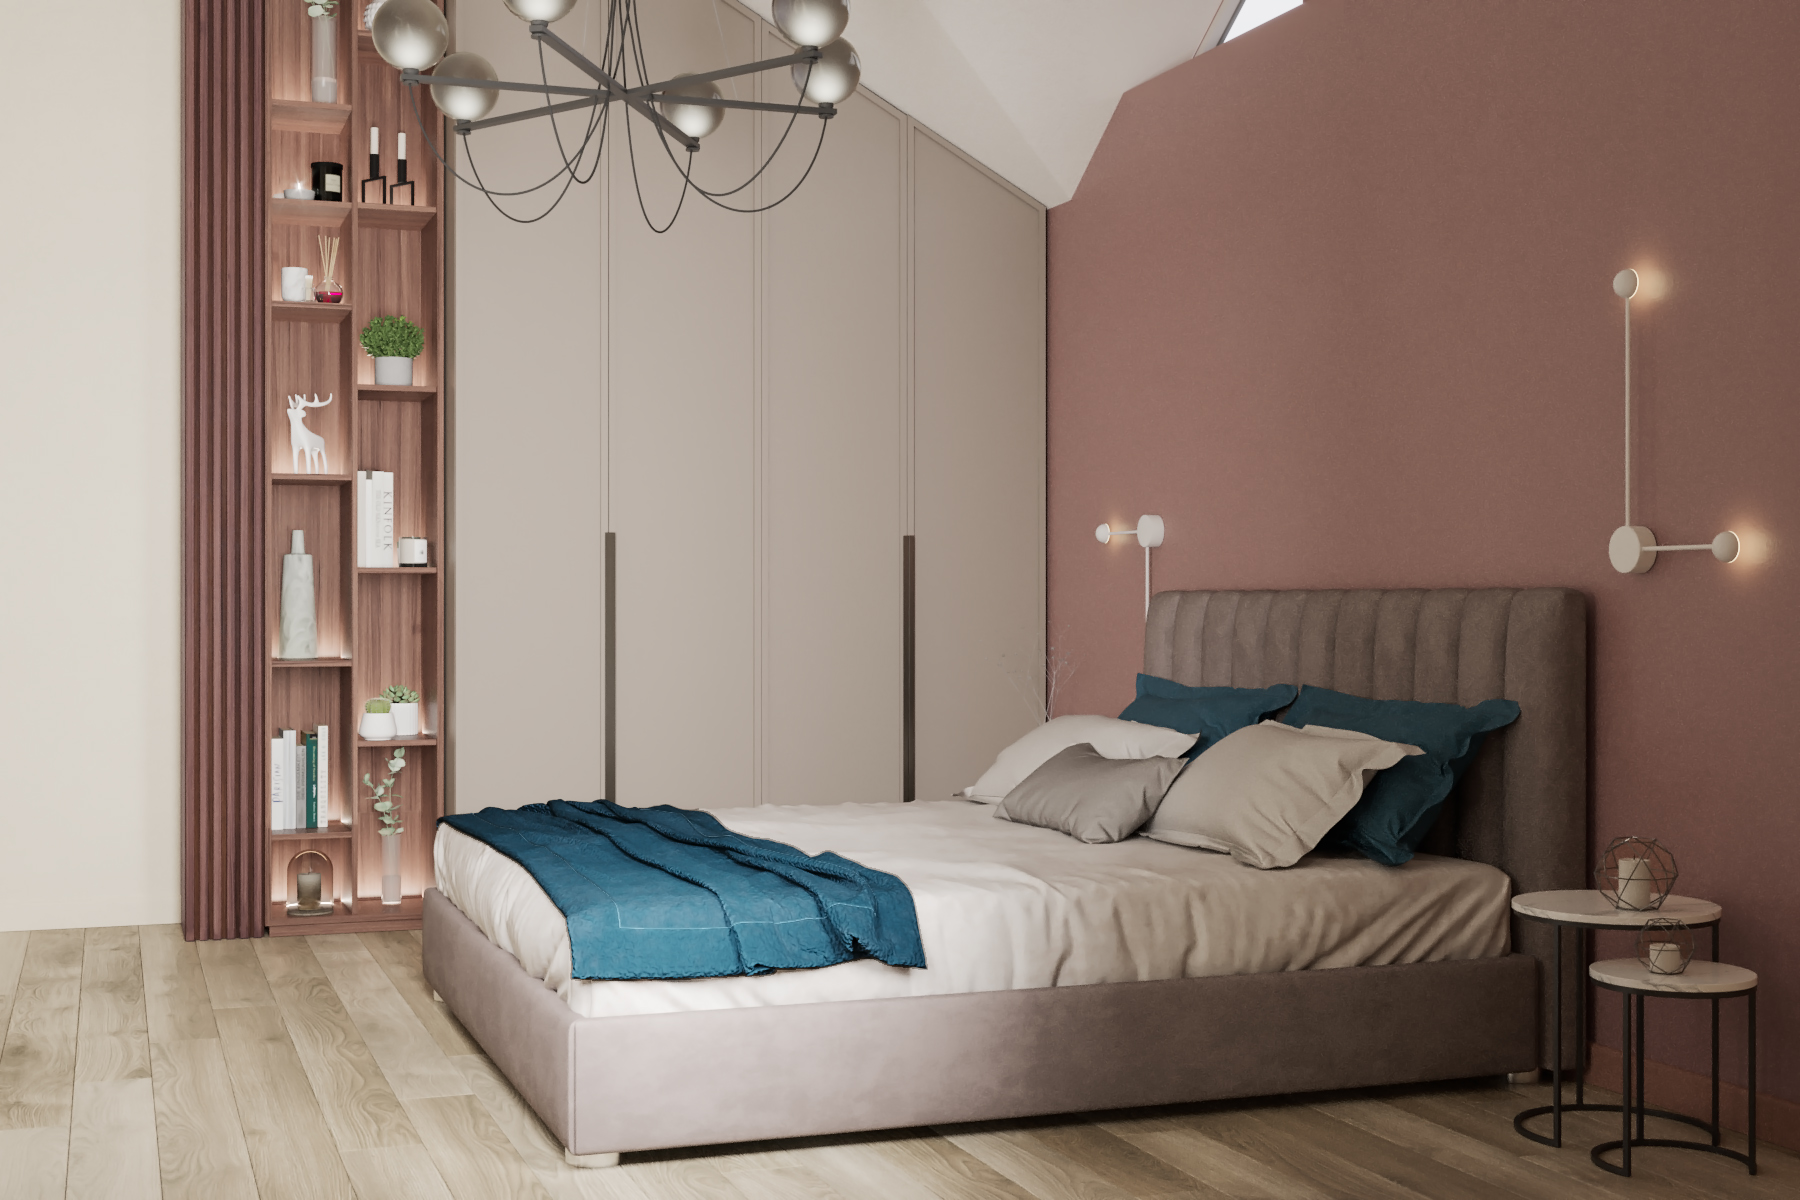 bedroom_02_vladimirskaya_obl_30.07.2020_10